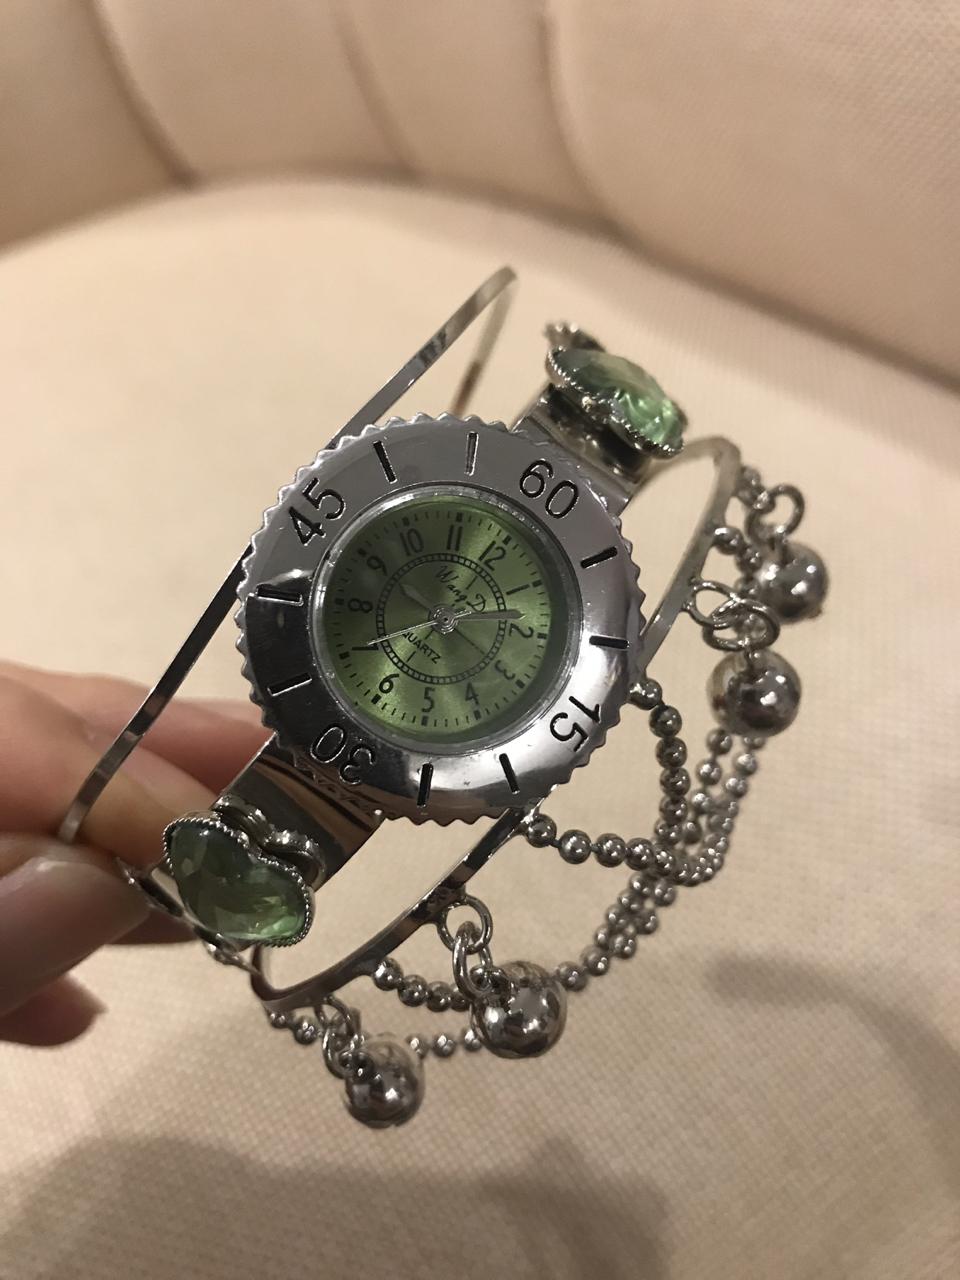 중국산 패션시계